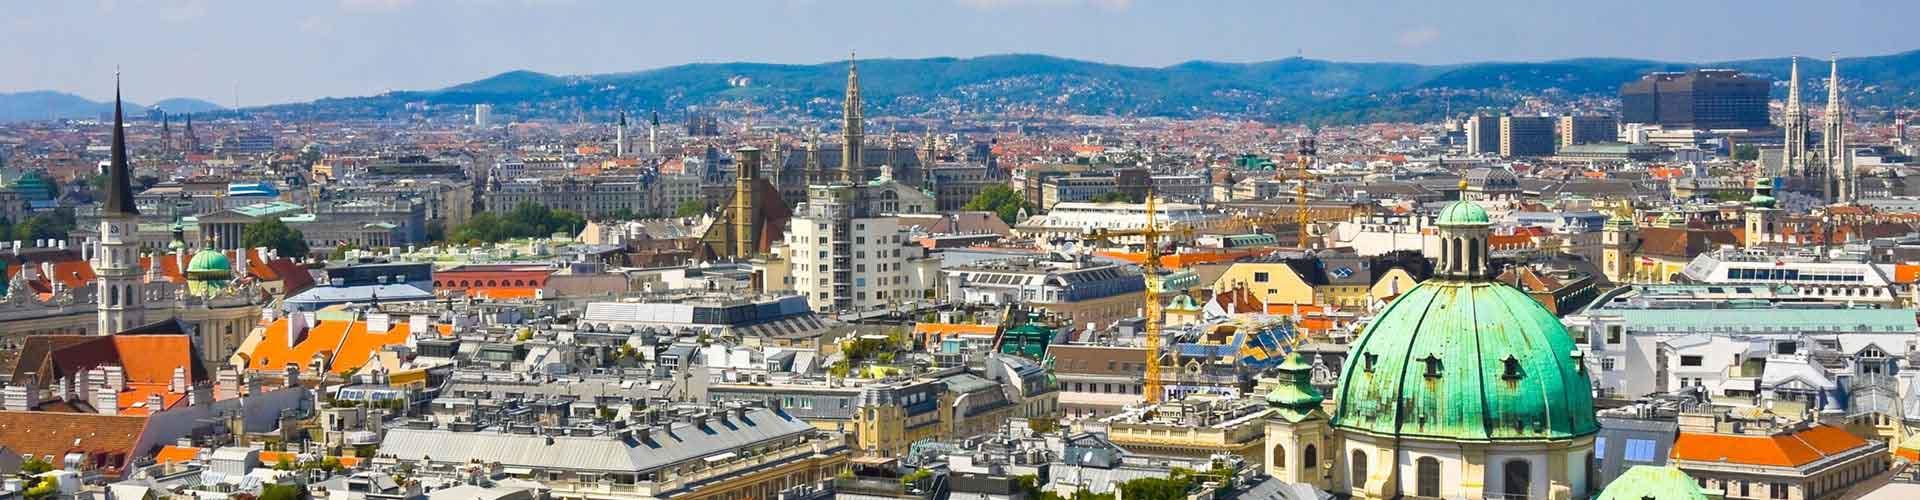 Viena - Habitaciones cerca a Karlsplatz Stadtbahn Estación. Mapas de Viena, Fotos y comentarios de cada Habitación en Viena.